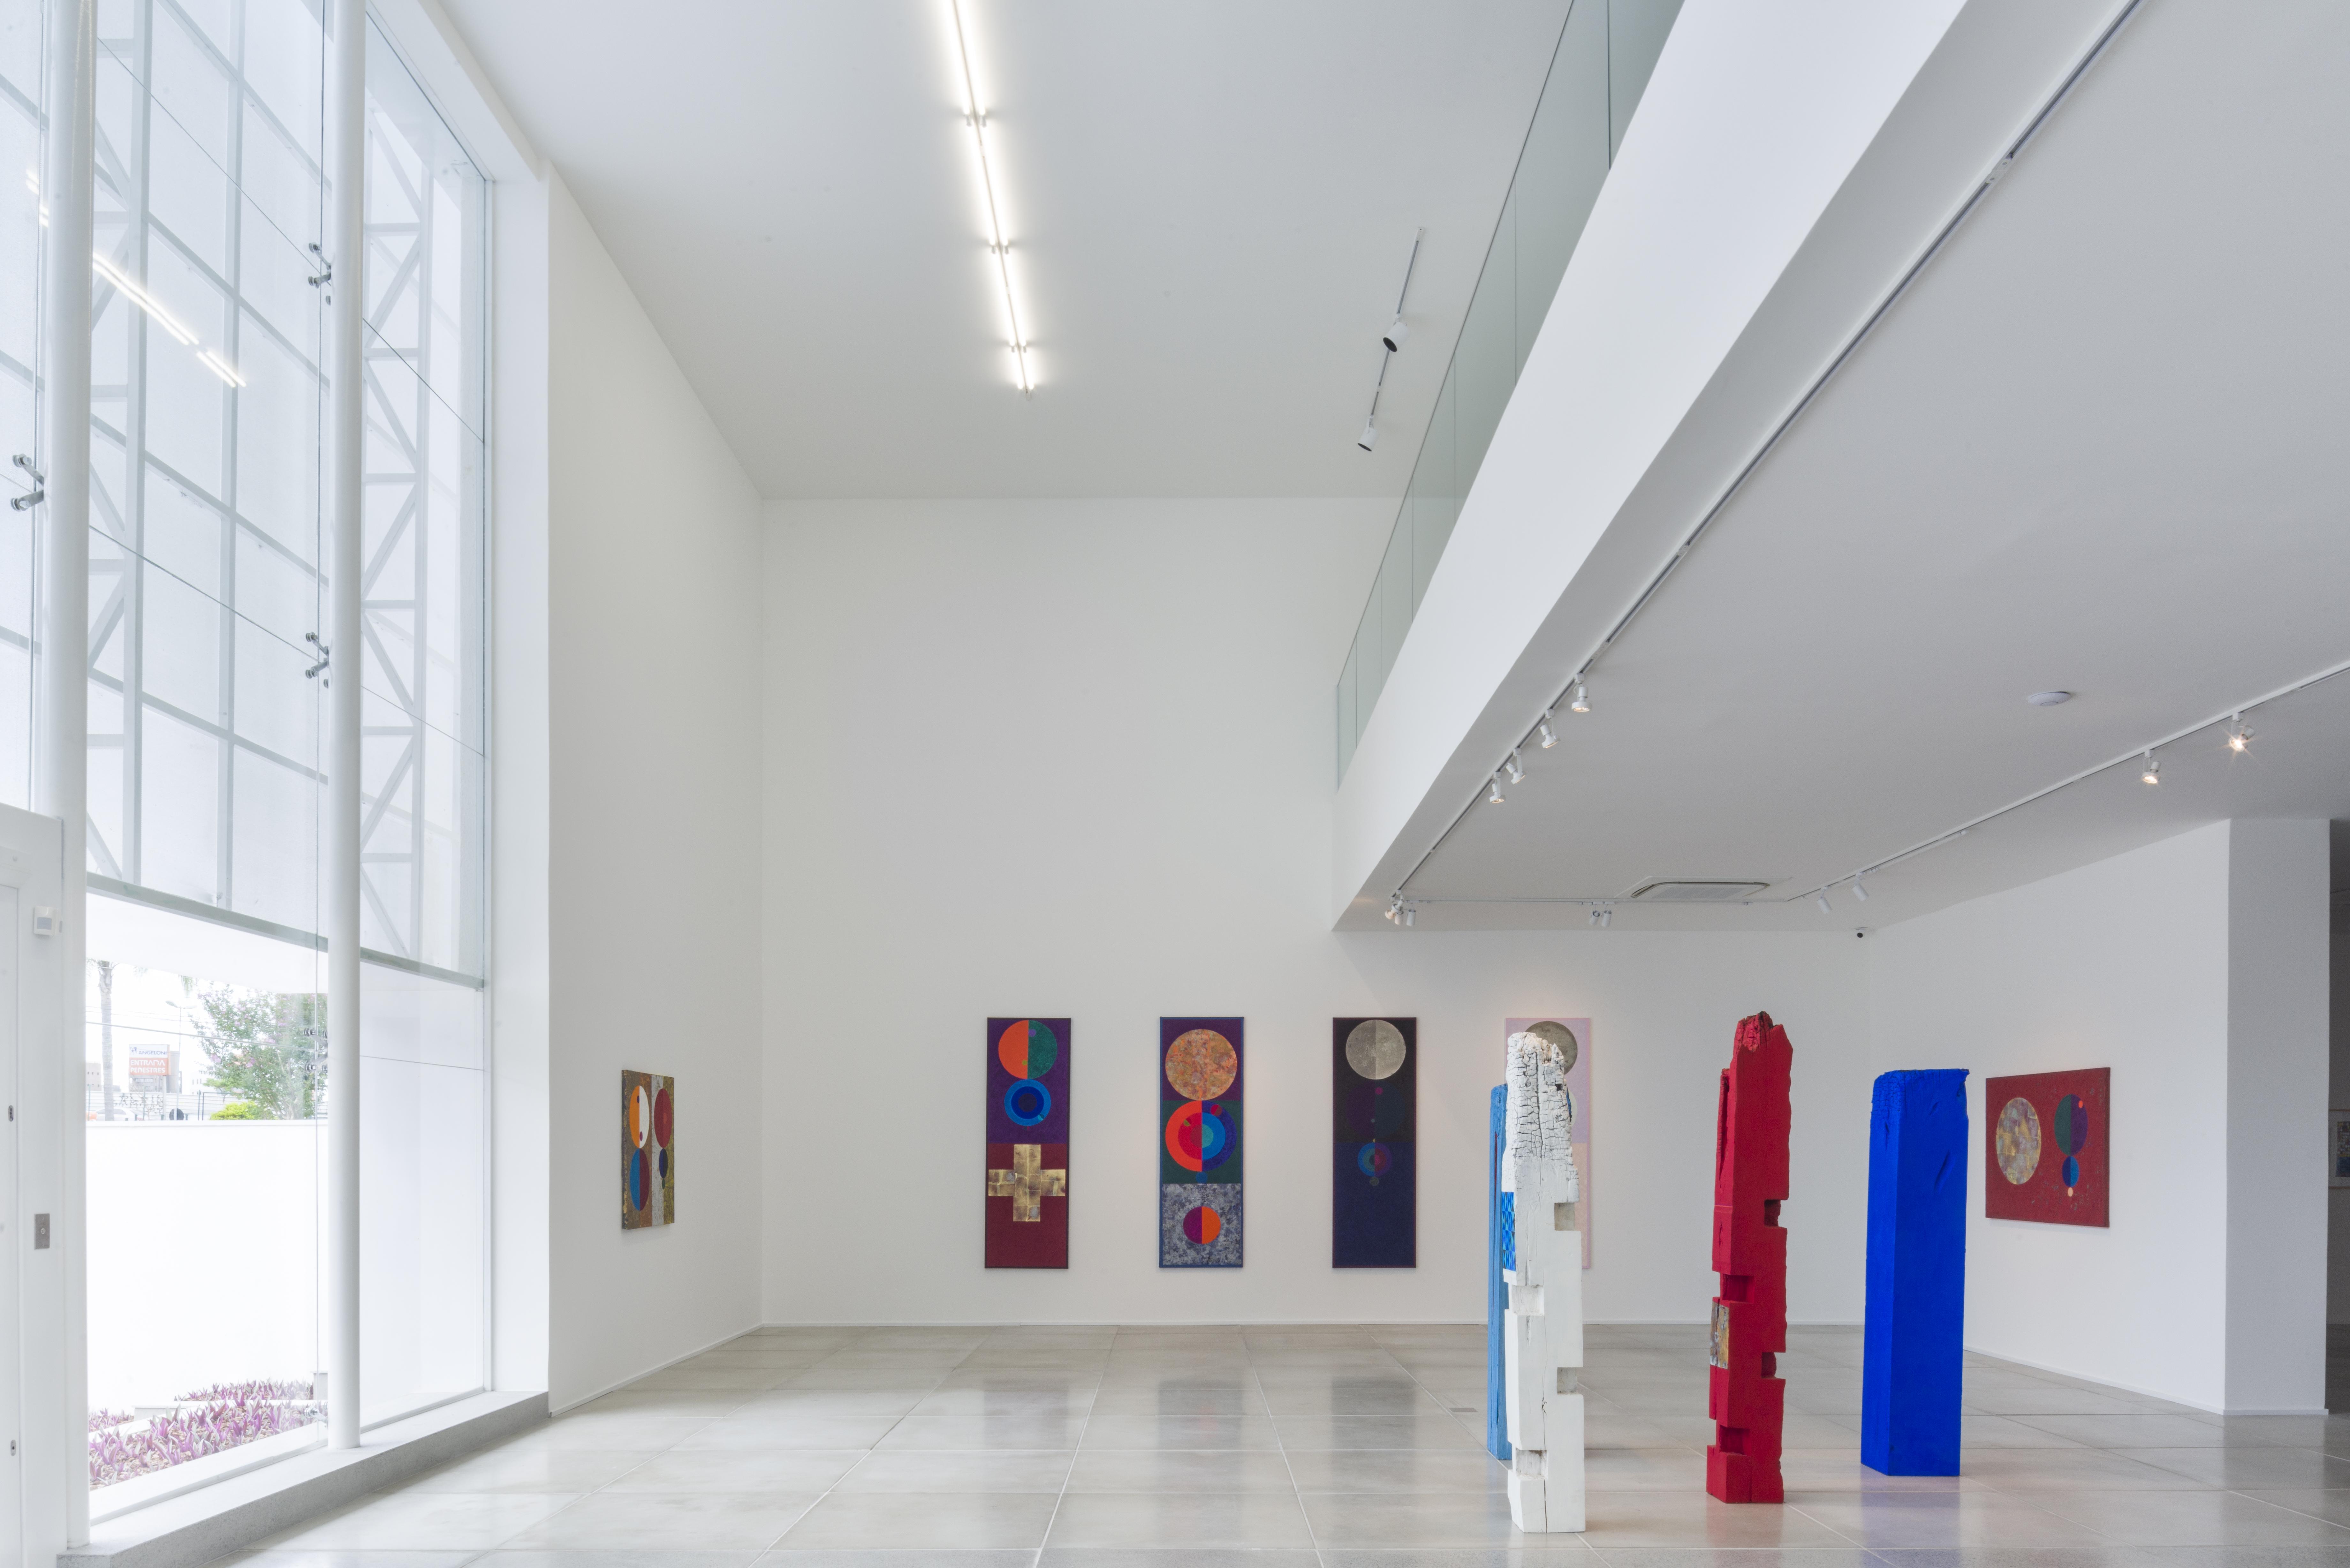 Pé direito alto facilita exposição de obras monumentais. Na imagem, trabalhos do artista Gonçalo Ivo.